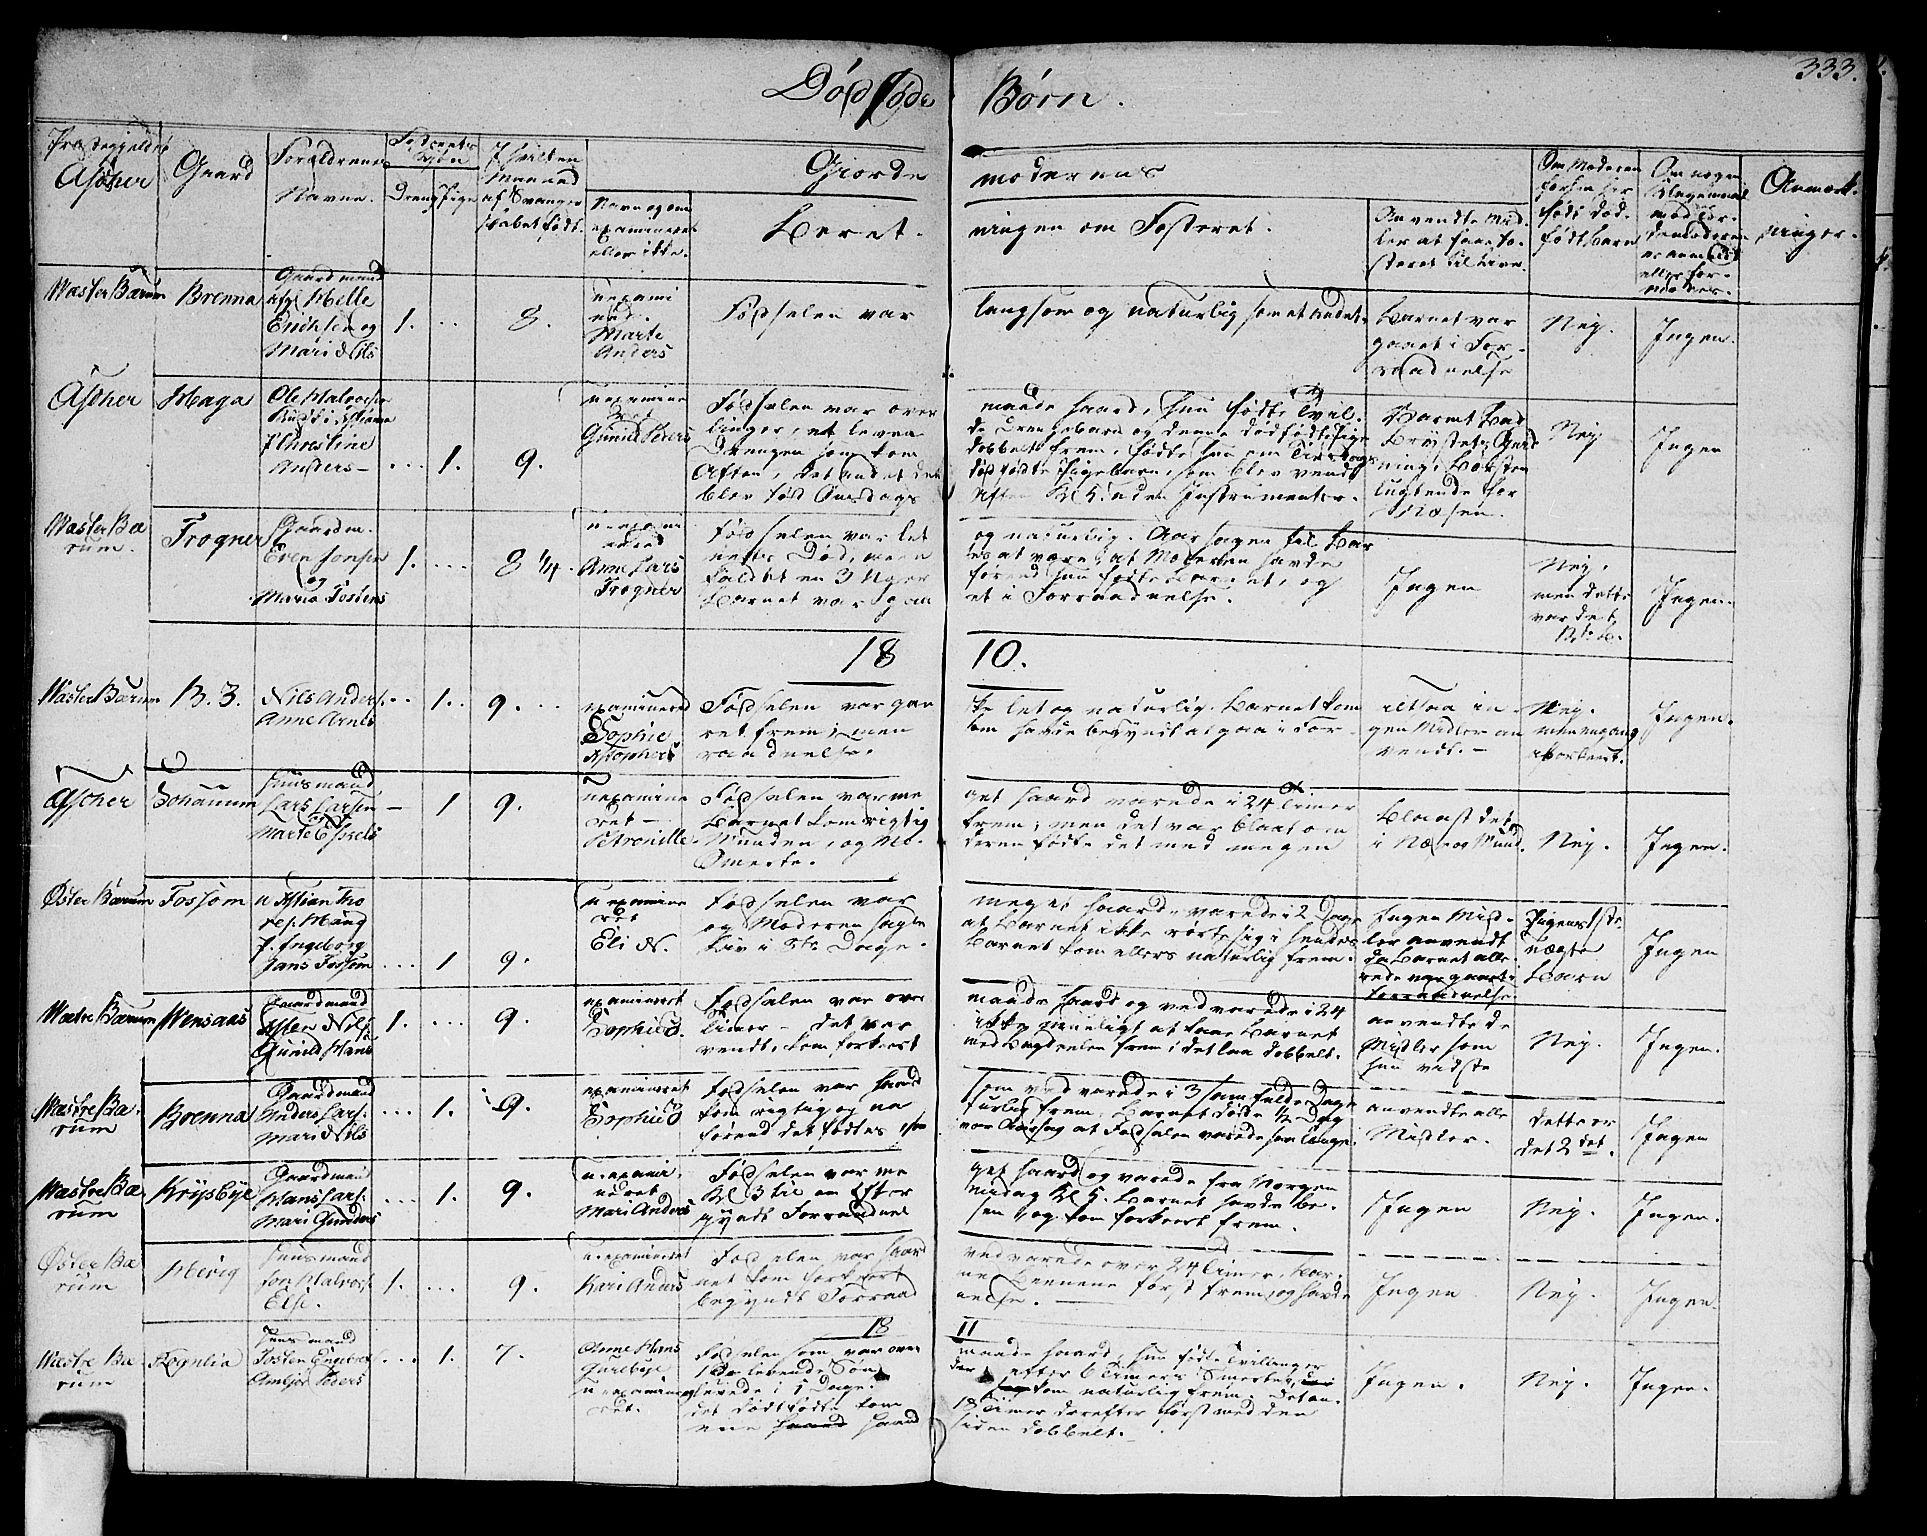 SAO, Asker prestekontor Kirkebøker, F/Fa/L0005: Ministerialbok nr. I 5, 1807-1813, s. 333